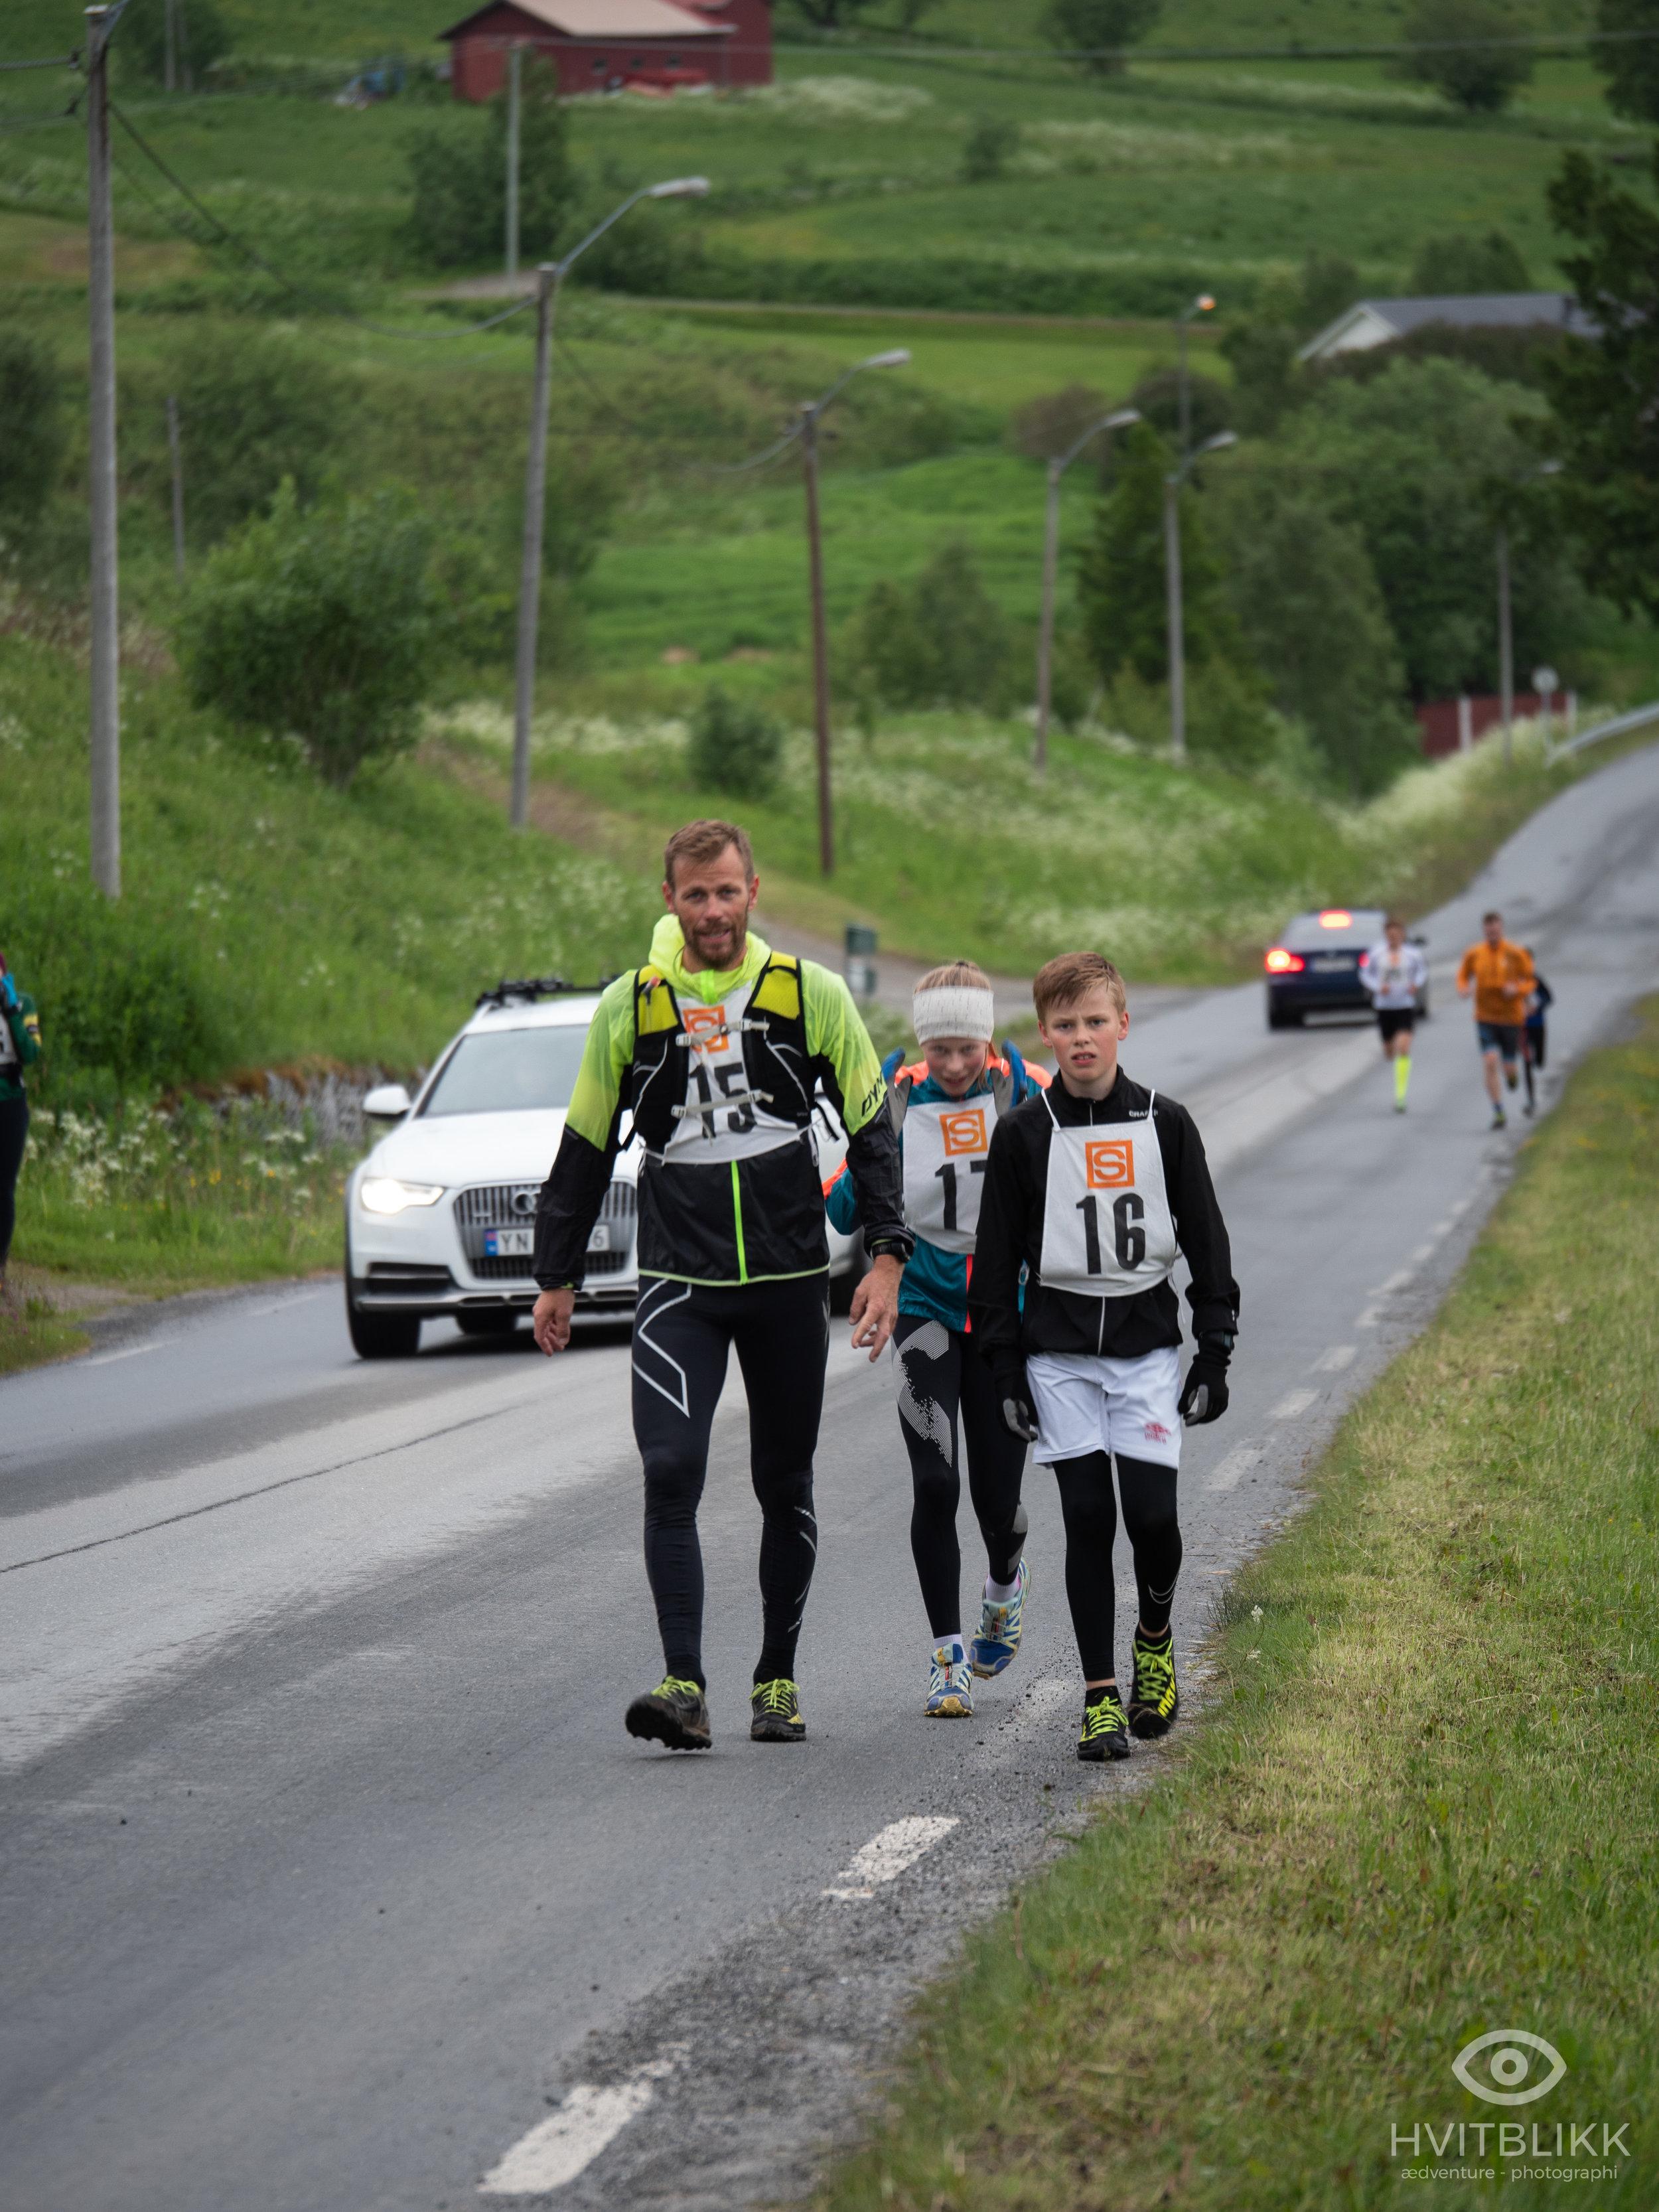 Ellingjord-Hvitblikk_20190621NOR3428.jpg